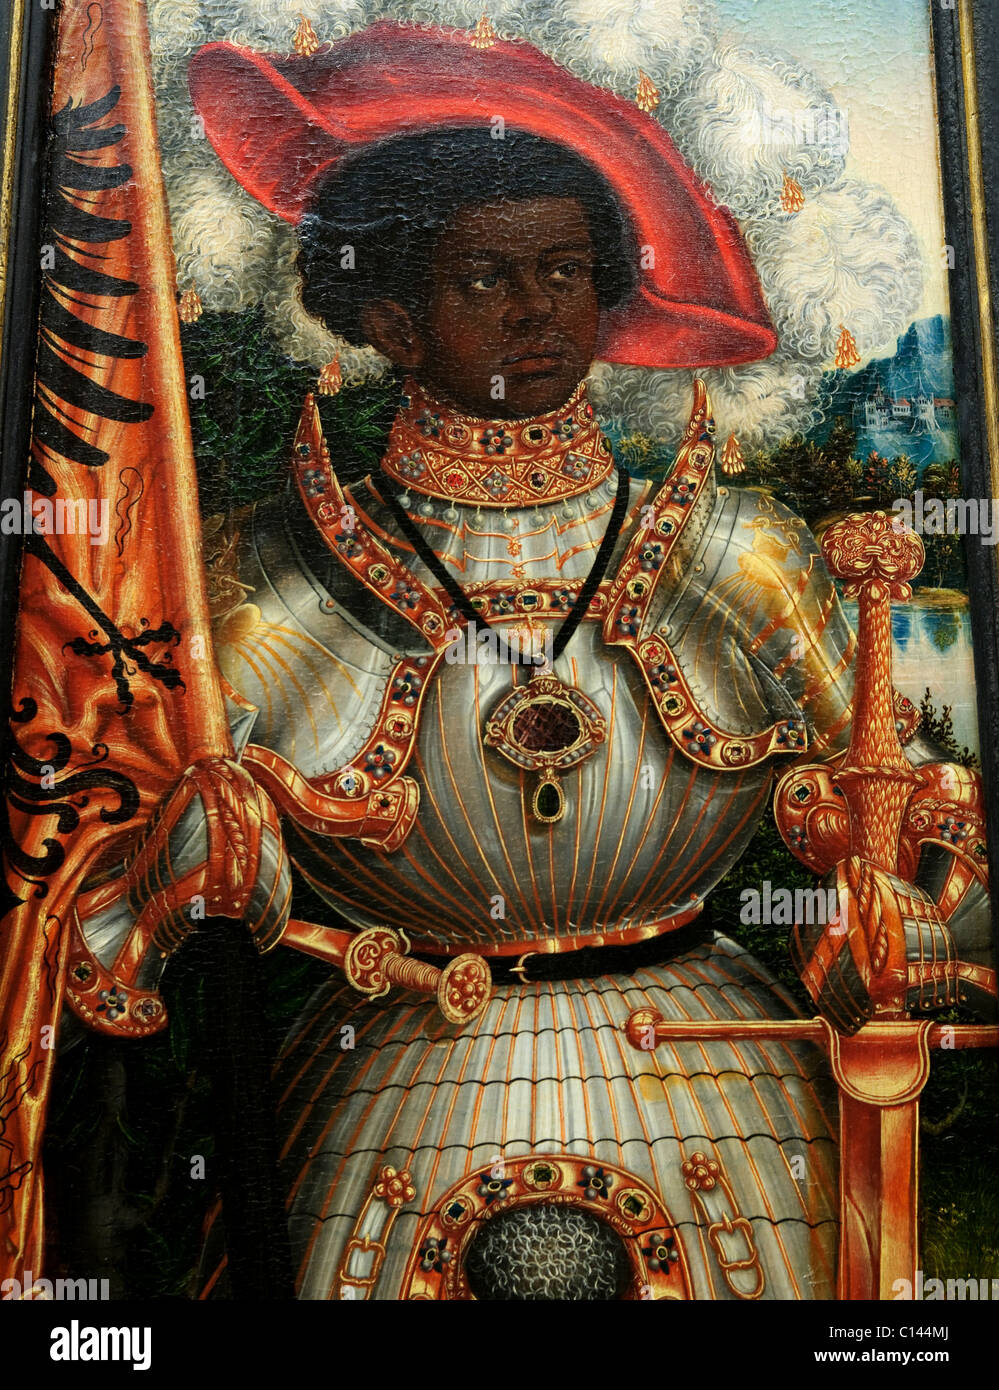 [Image: details-saint-maurice-ca-1522-25-par-luc...c144mj.jpg]